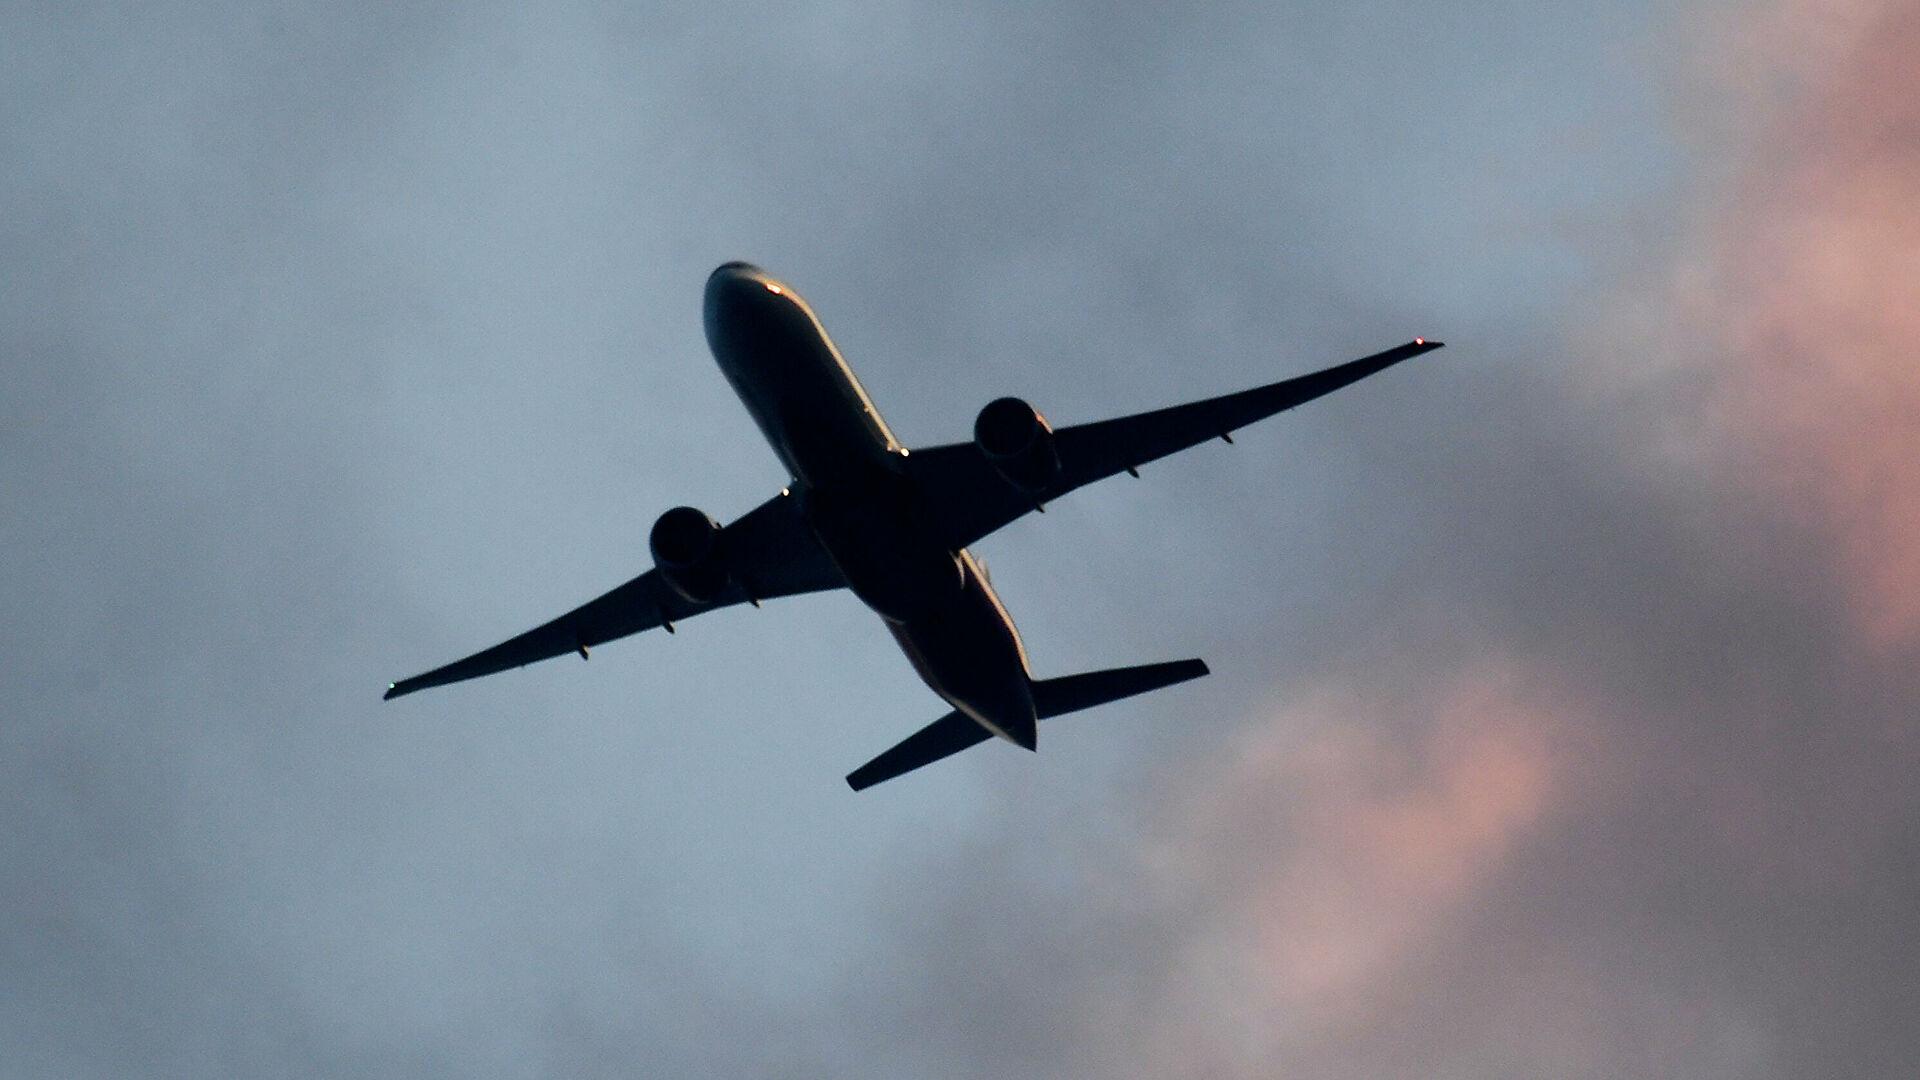 Србија се придружила ваздушној блокади Белорусије